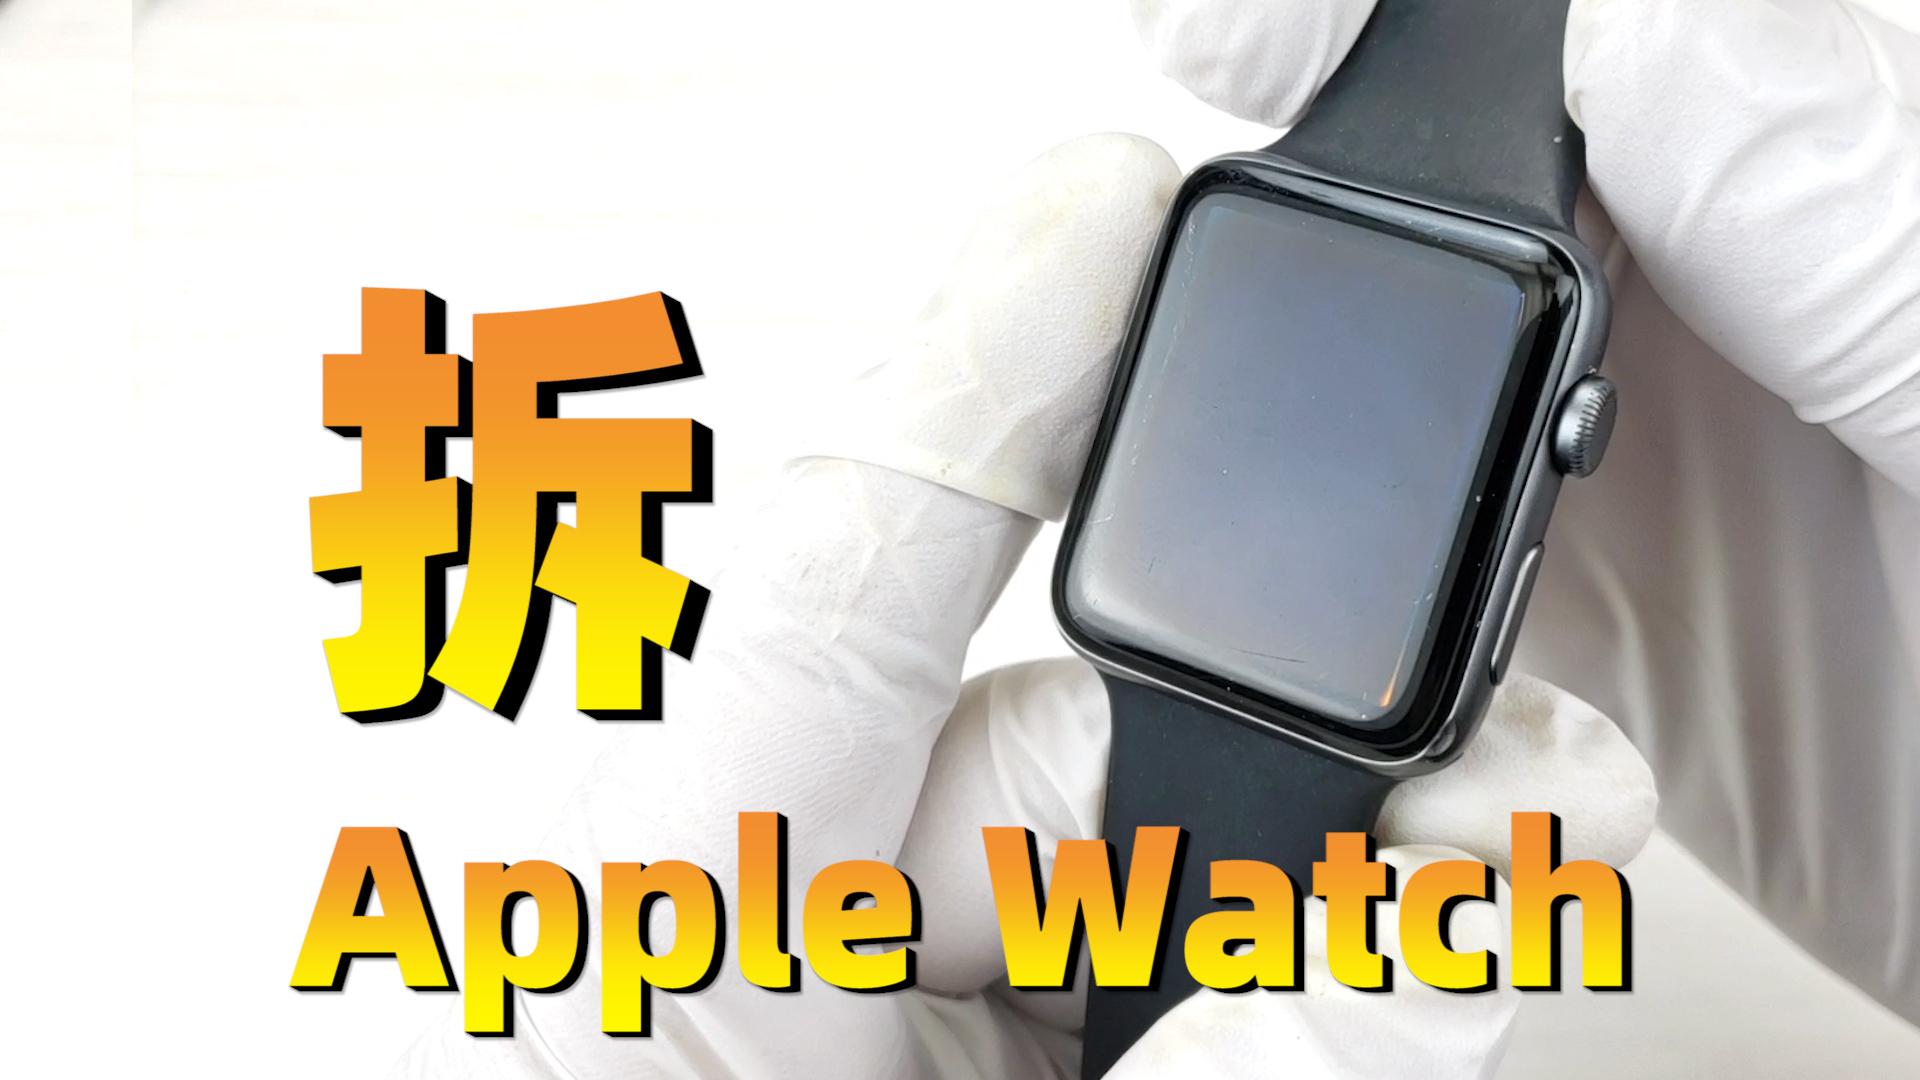 拆解苹果手表iWatch,看看内部超乎想象的工业设计和做工